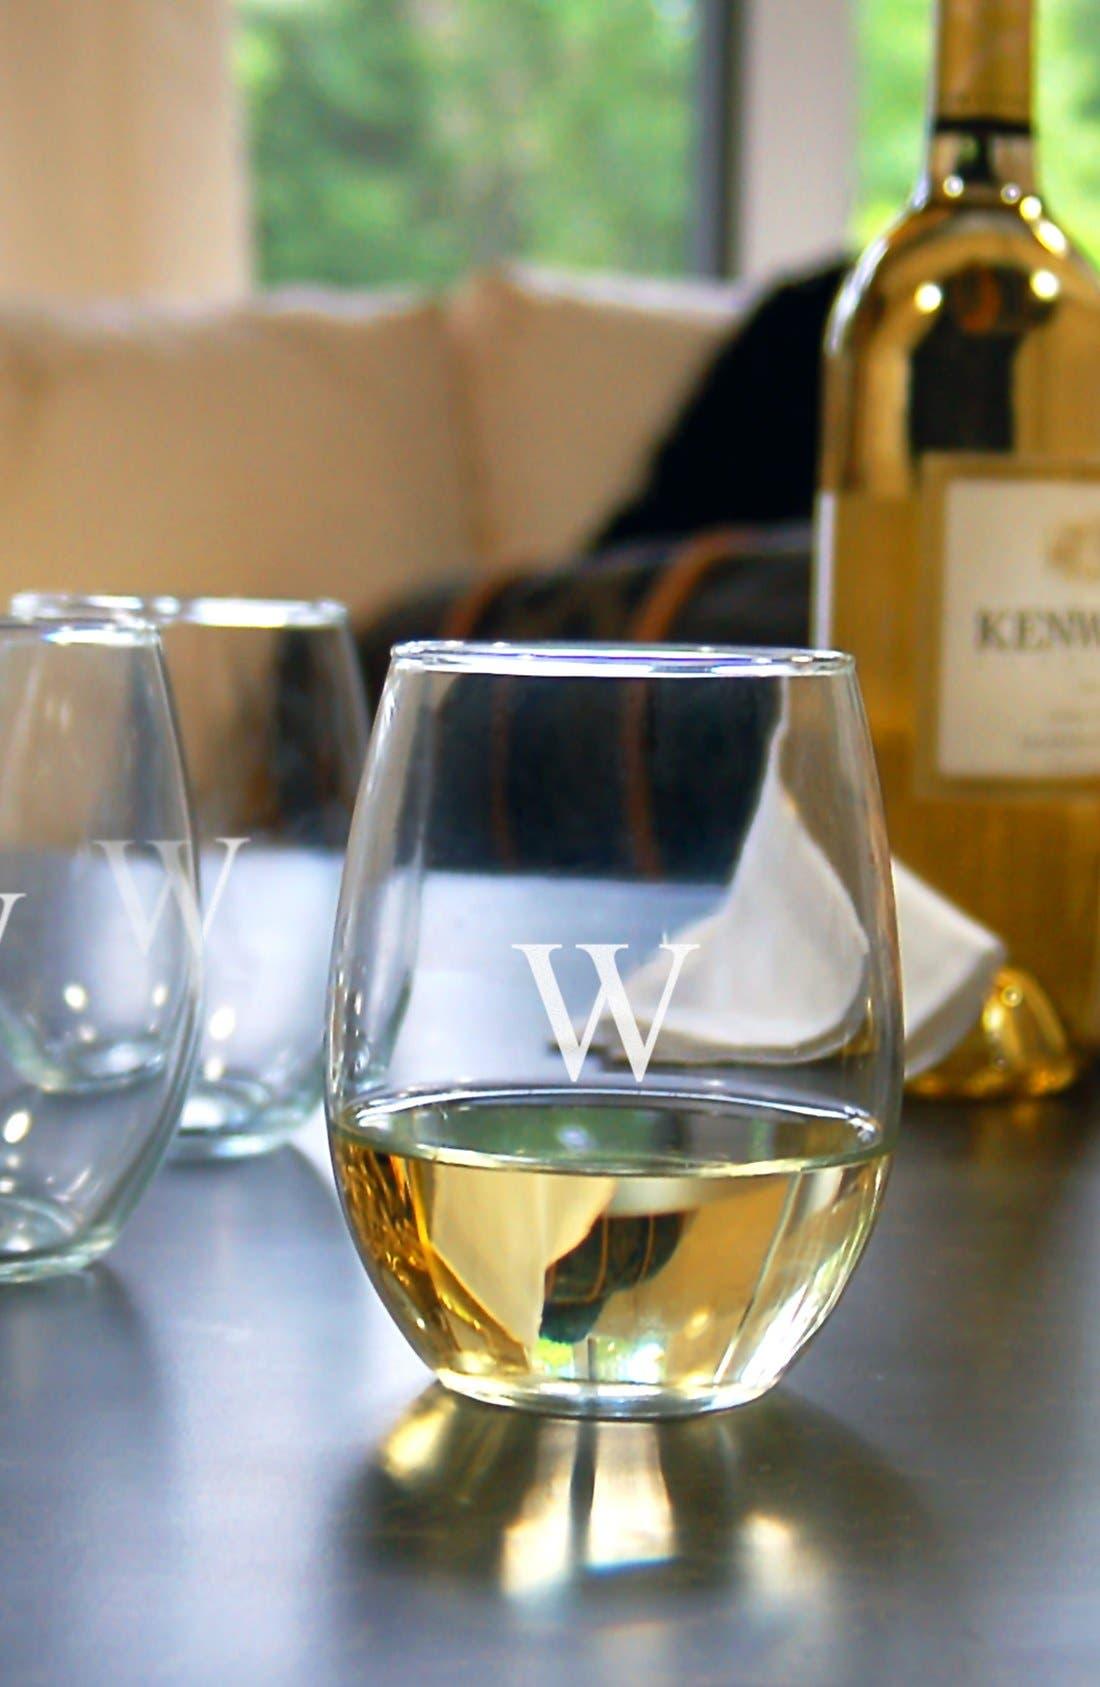 Monogram Set of 4 Stemless Wine Glasses,                             Alternate thumbnail 2, color,                             965